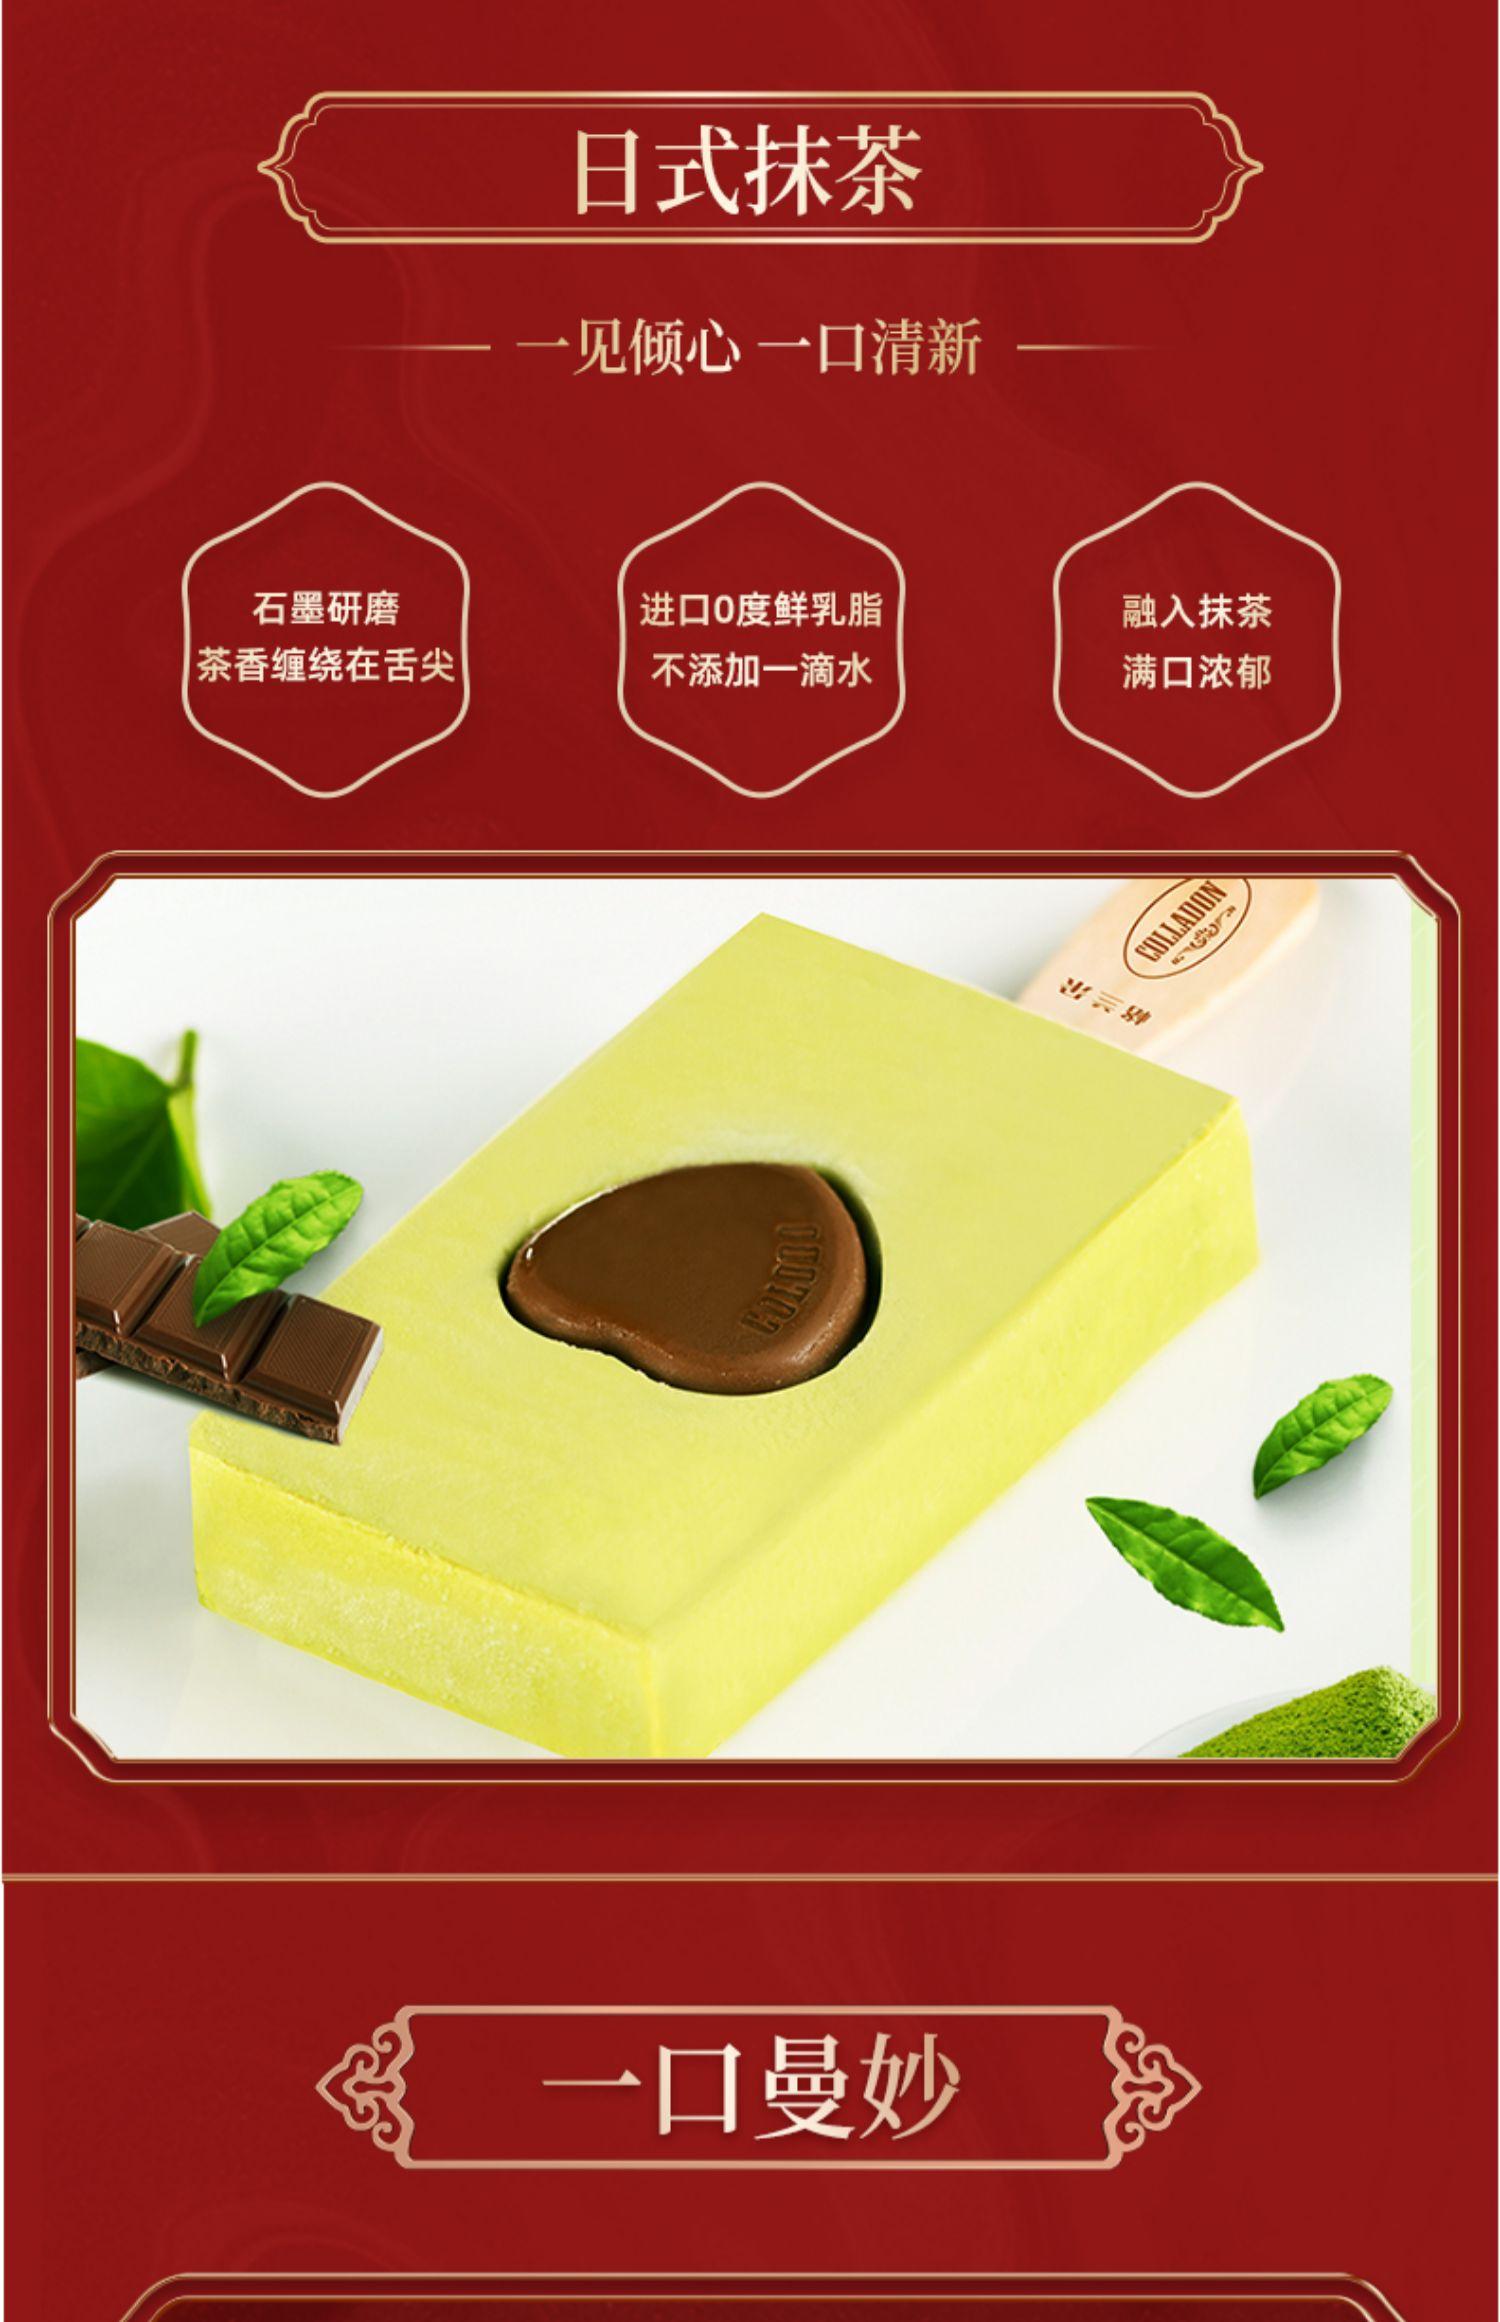 【德氏&沈阳故宫联名款】冰淇淋10支